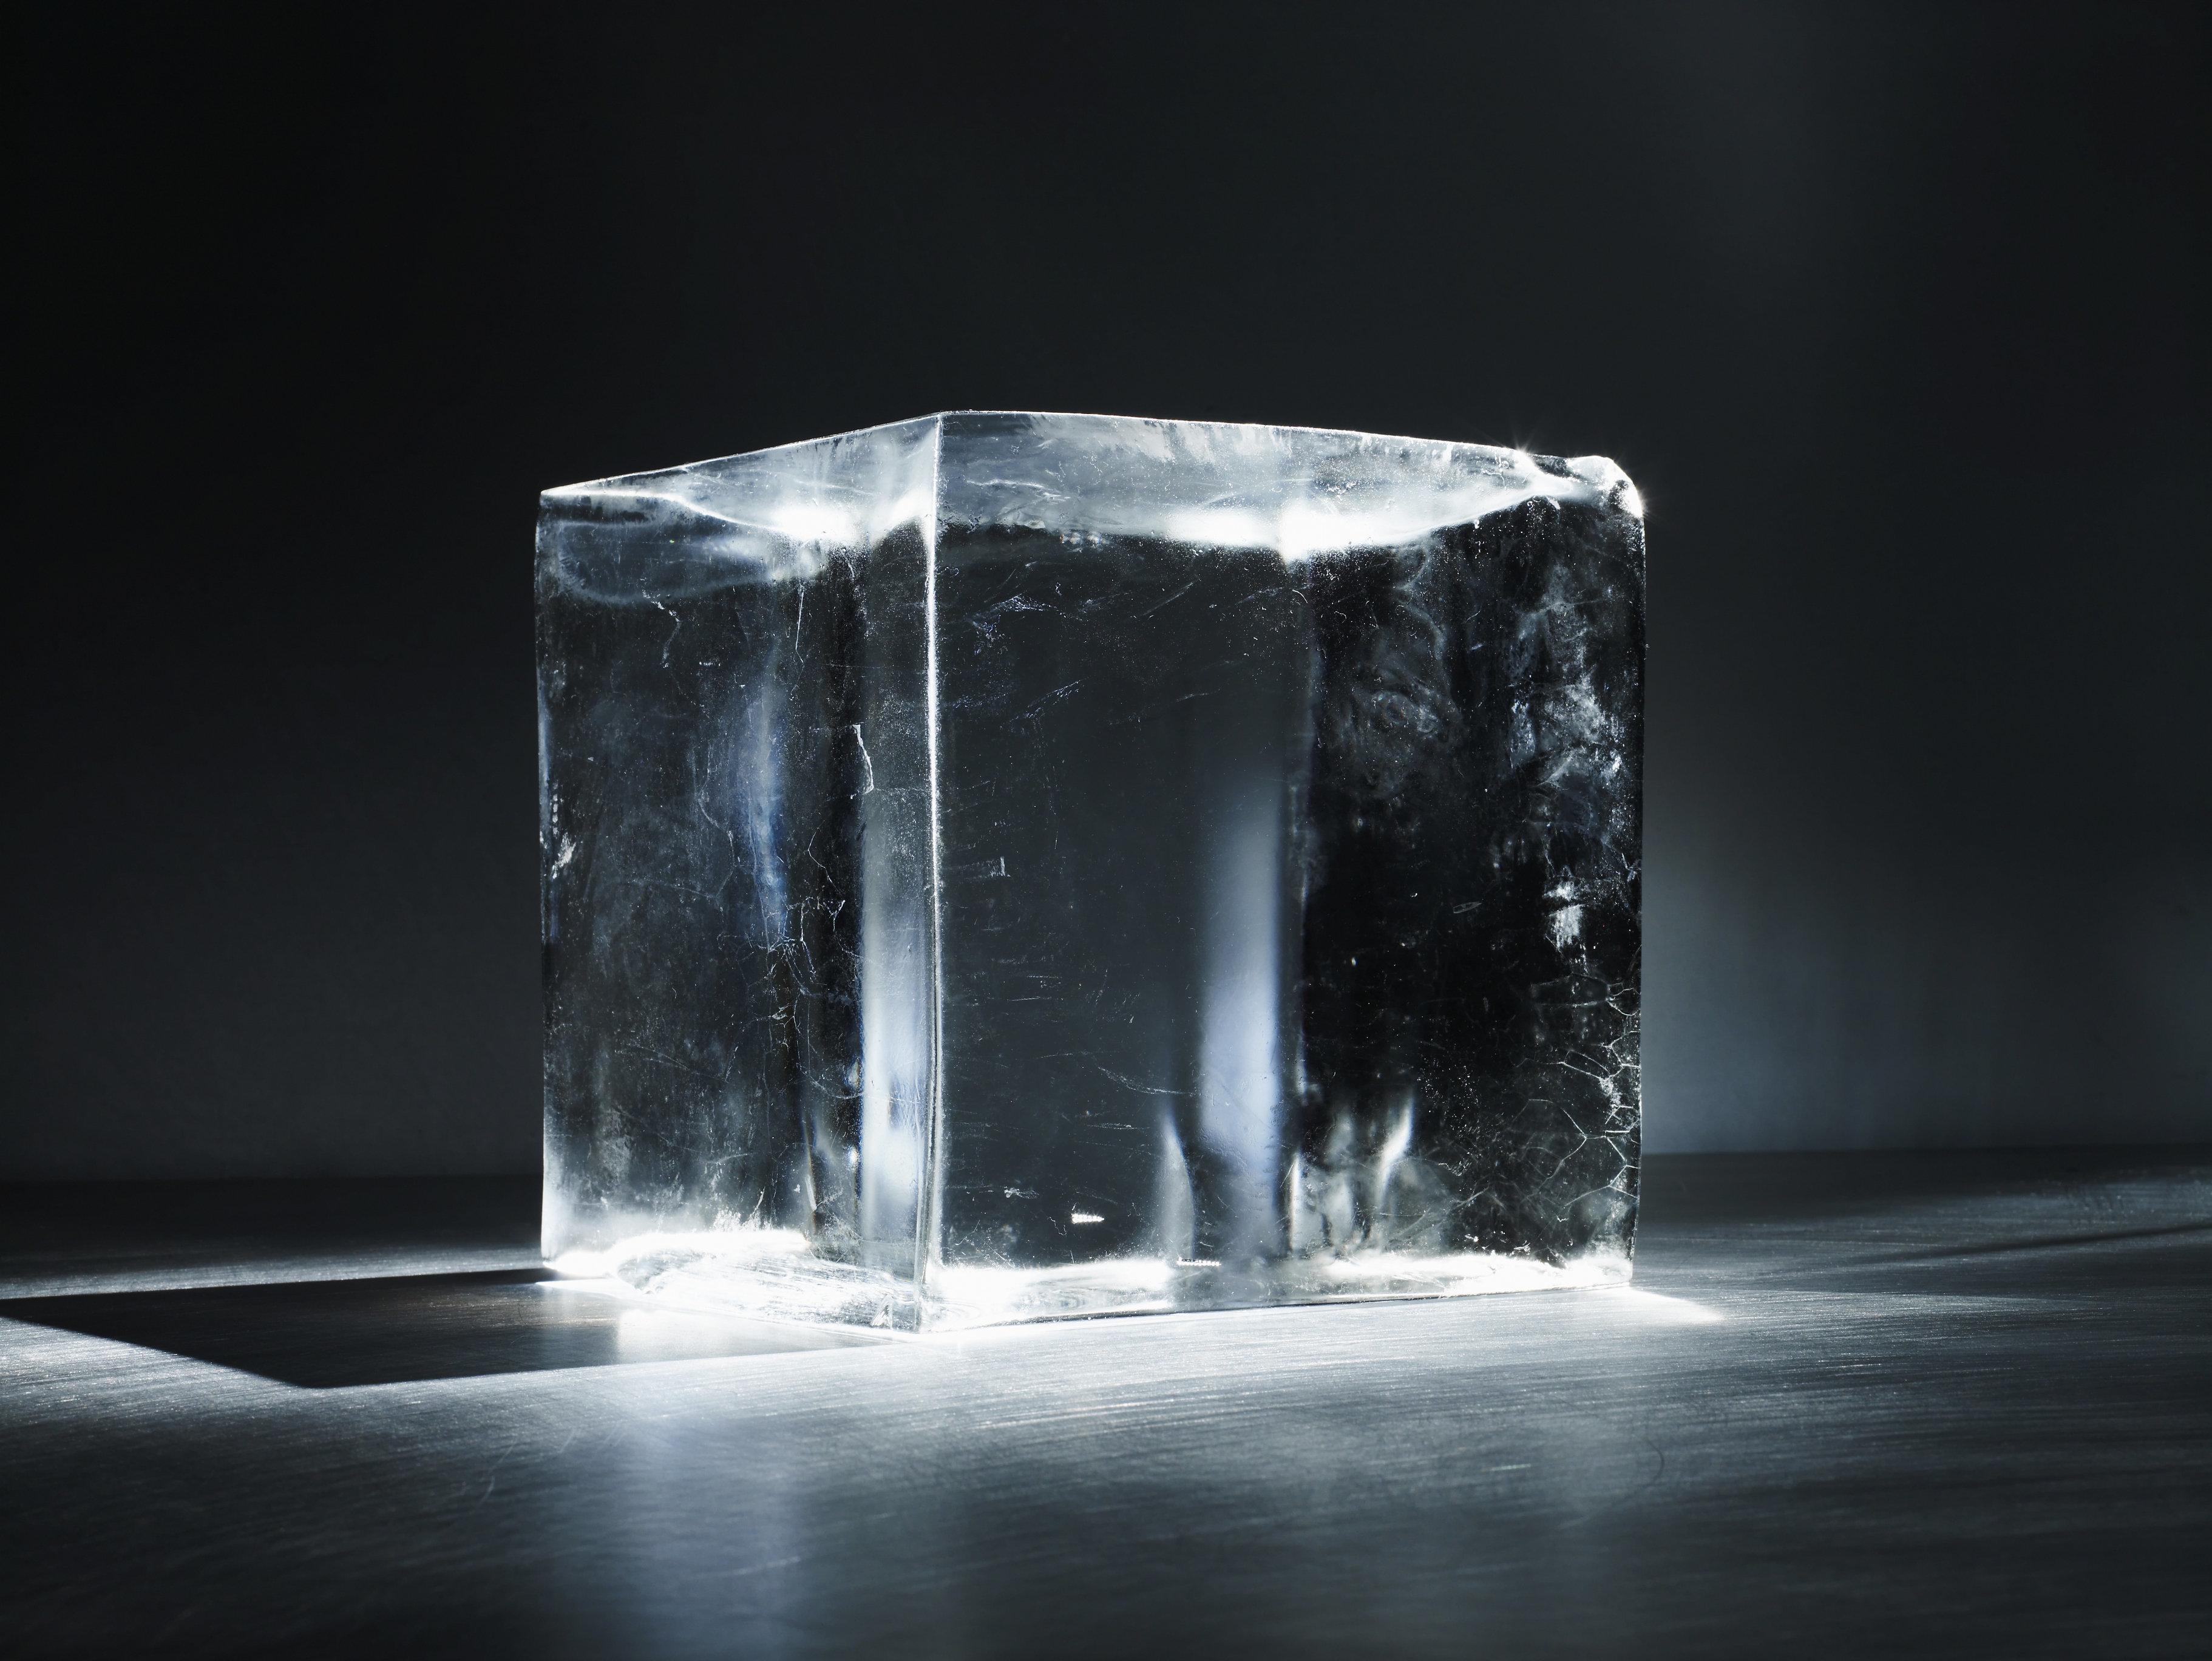 Ice block standing in a dark room.